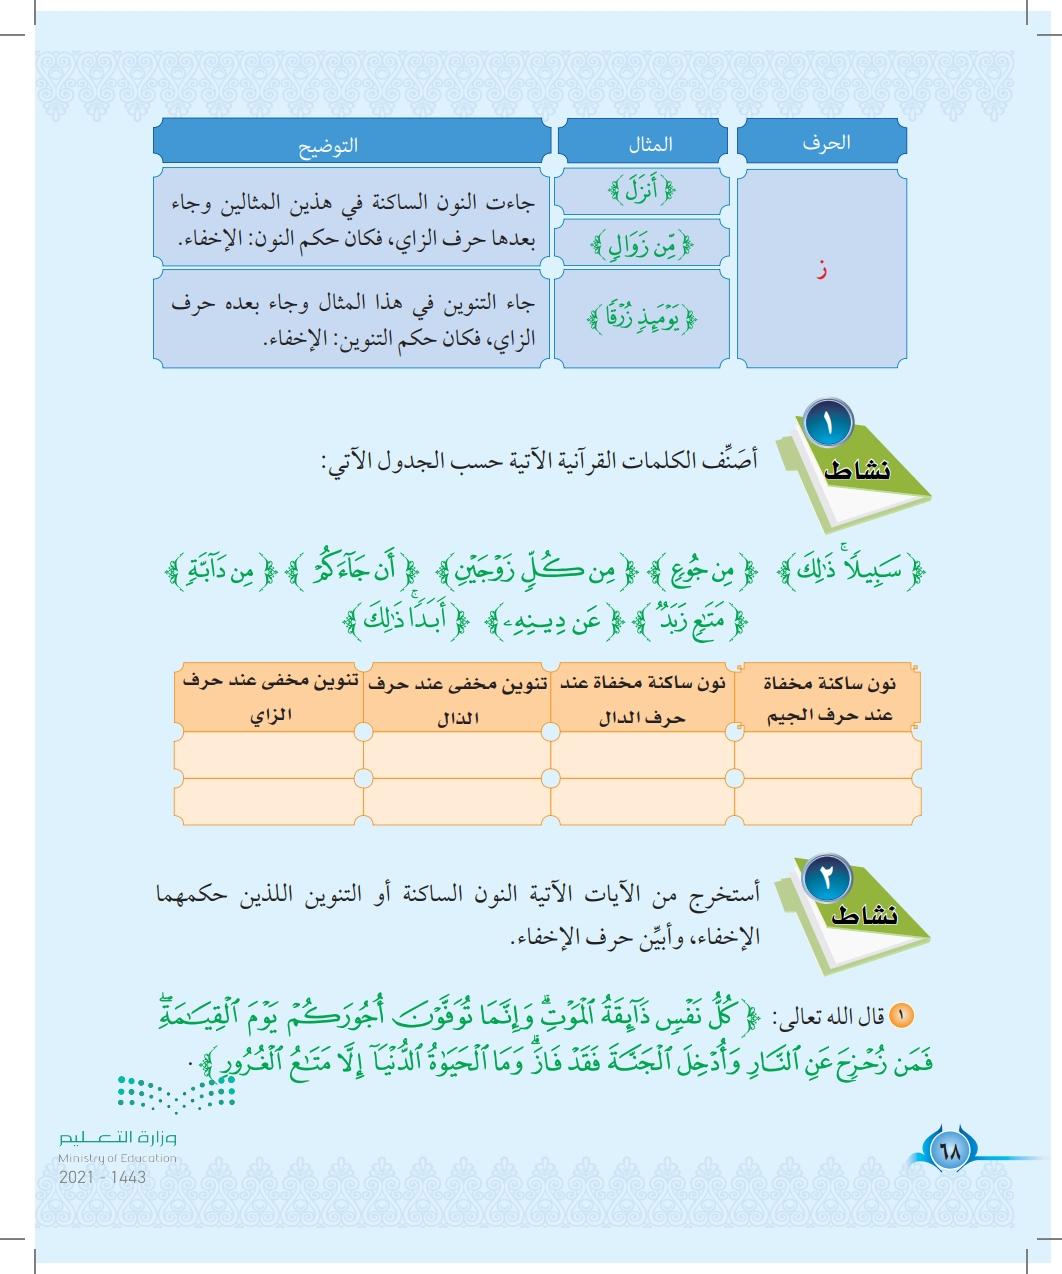 الدرس الثاني عشر: حروف الاخفاء (ج،د،ذ،ز)